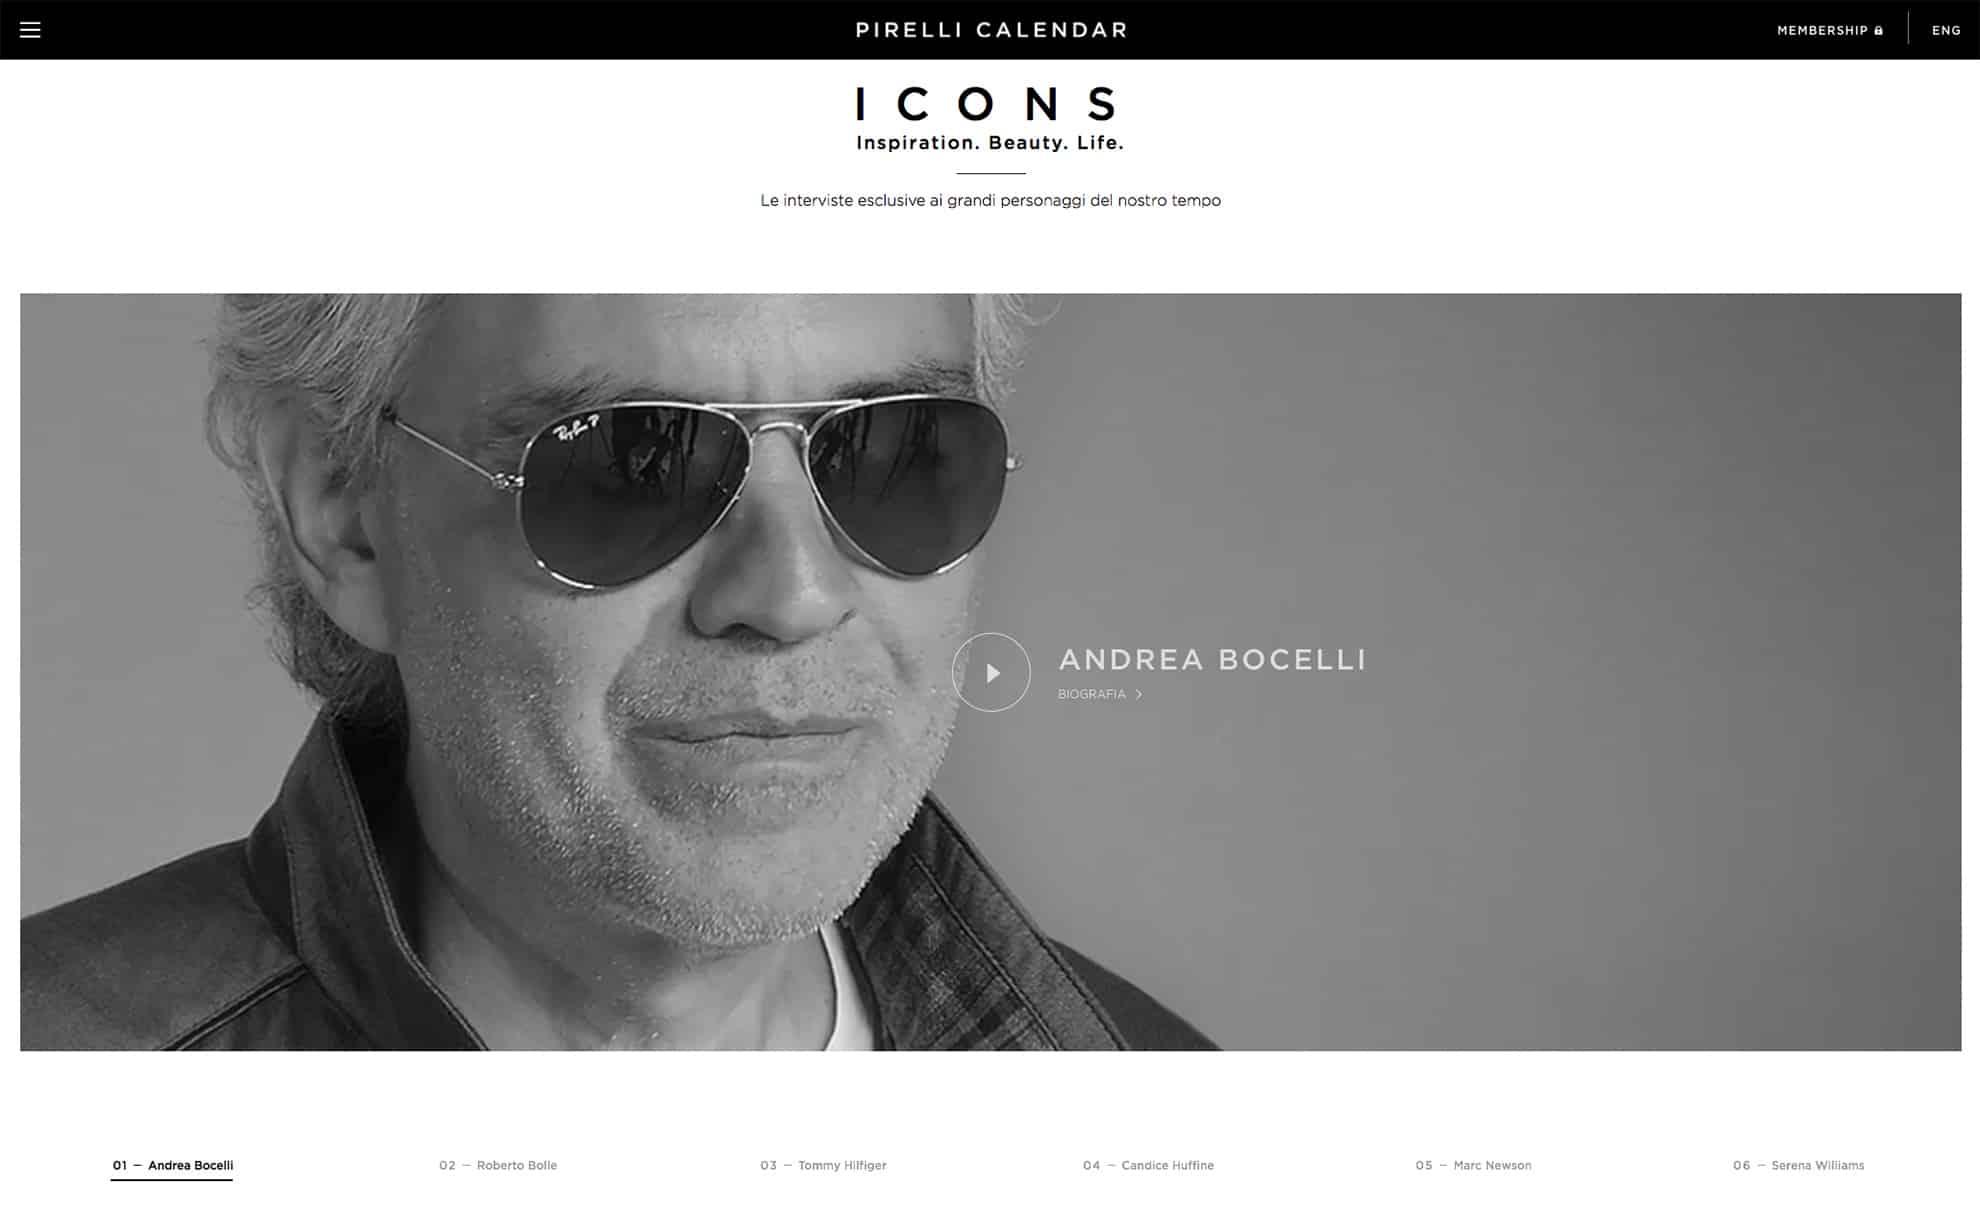 www.pirellicalendar.com ICONS - Il nuovo sito del Calendario Pirelli